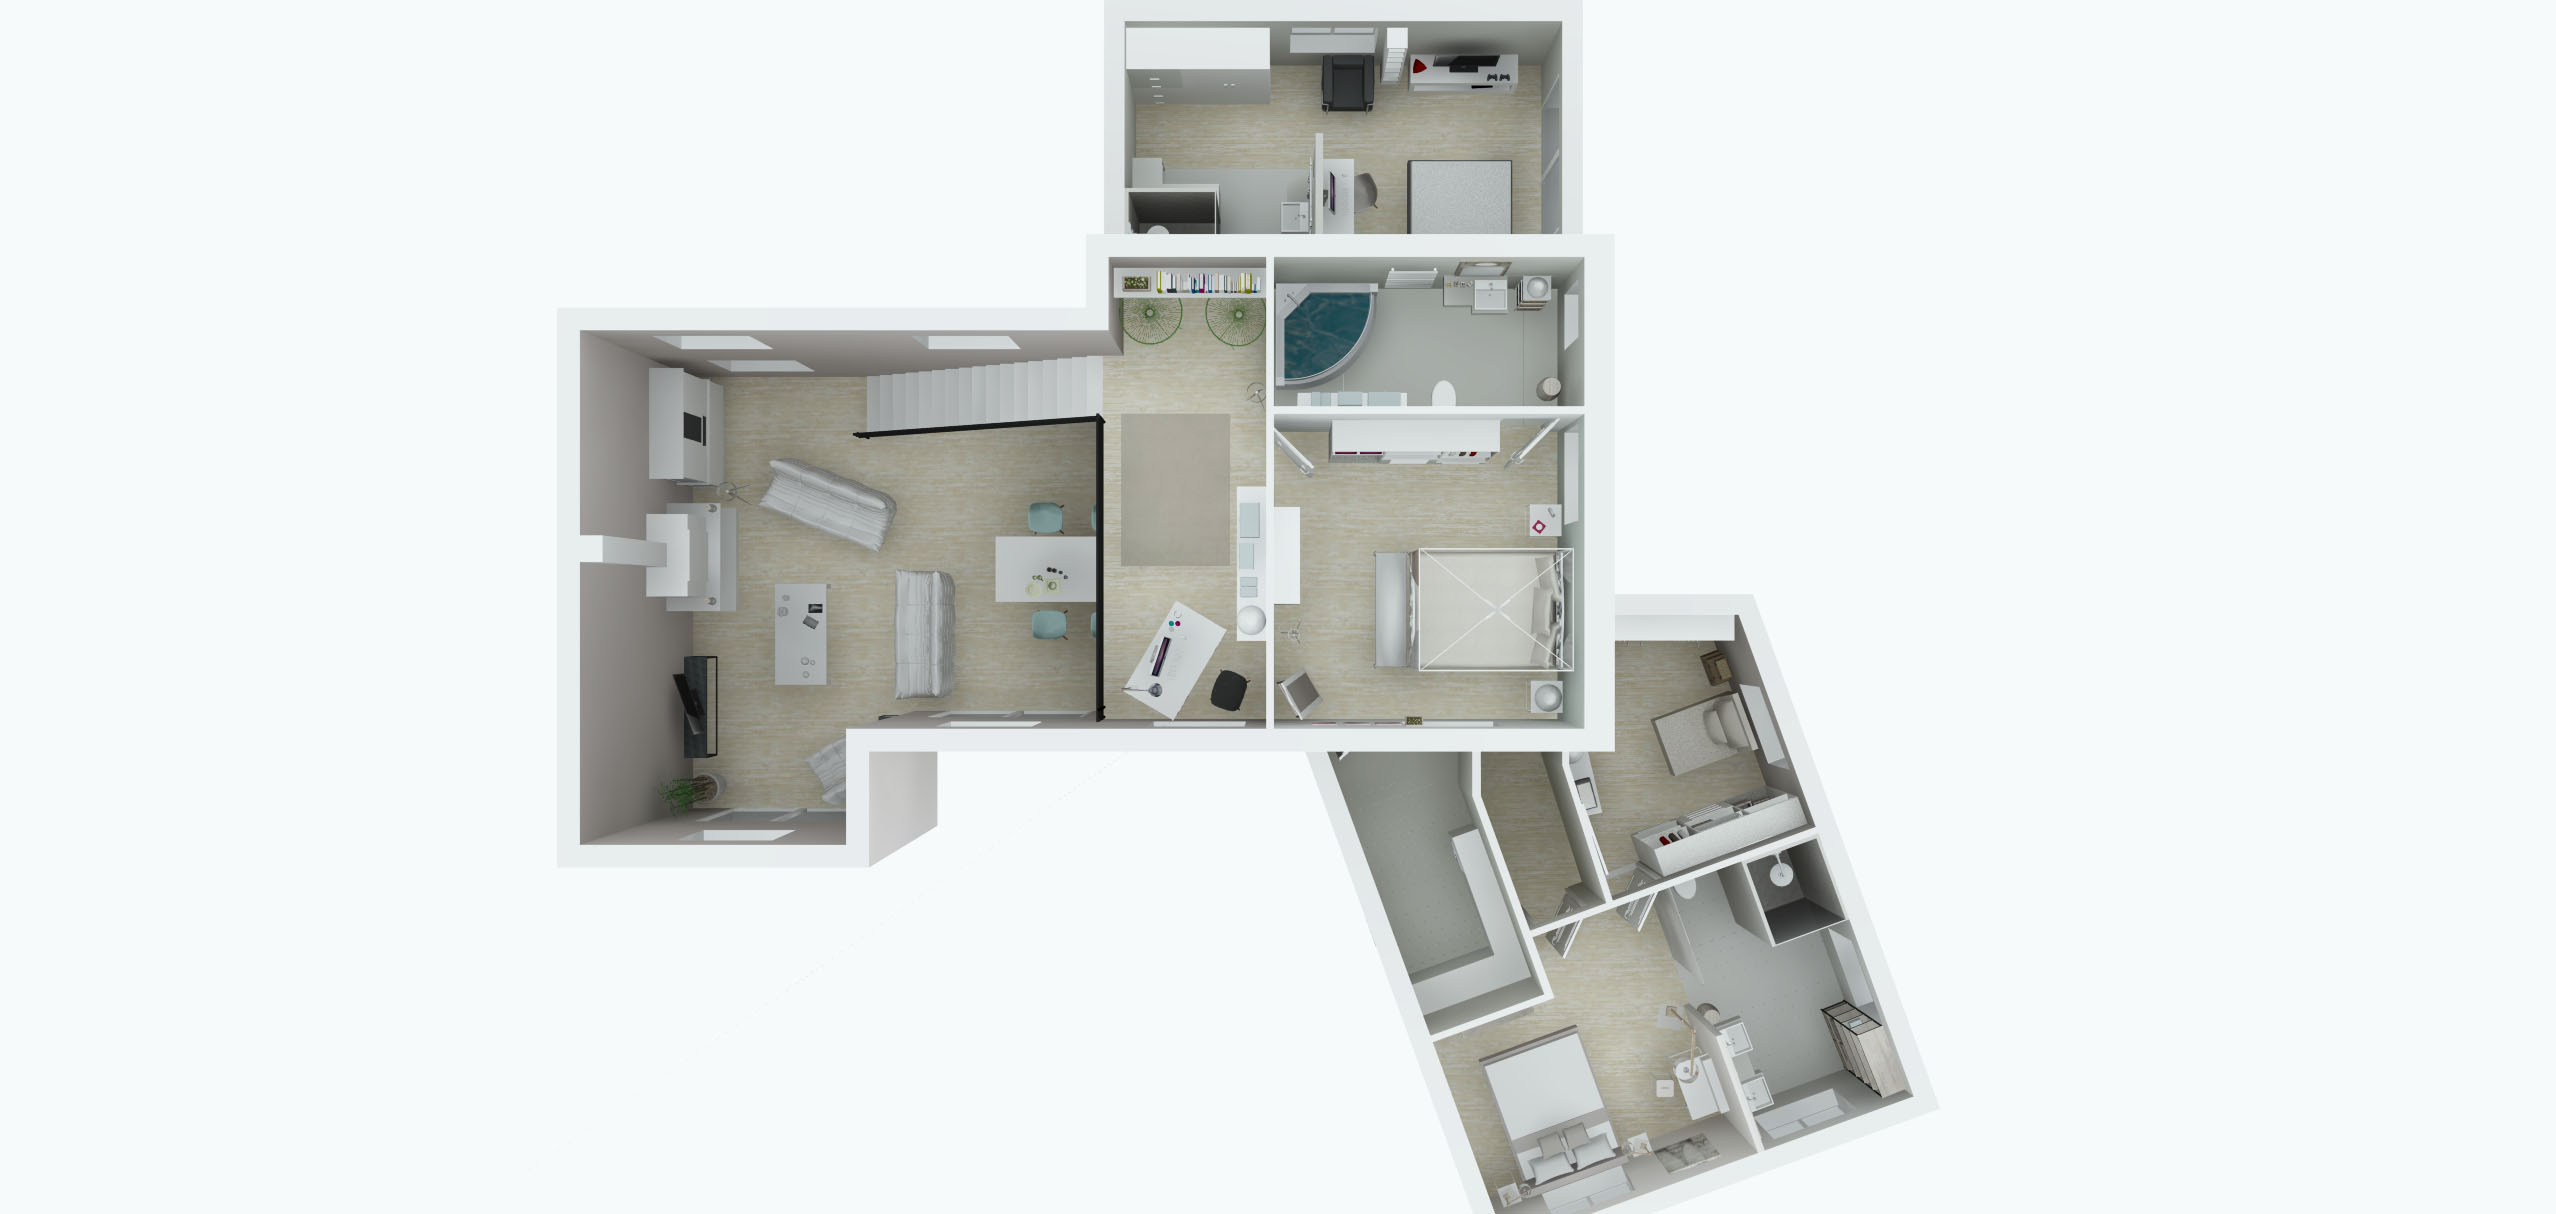 Architecture Maison Nimoise plan R+1 L'Atelier d'Elisa